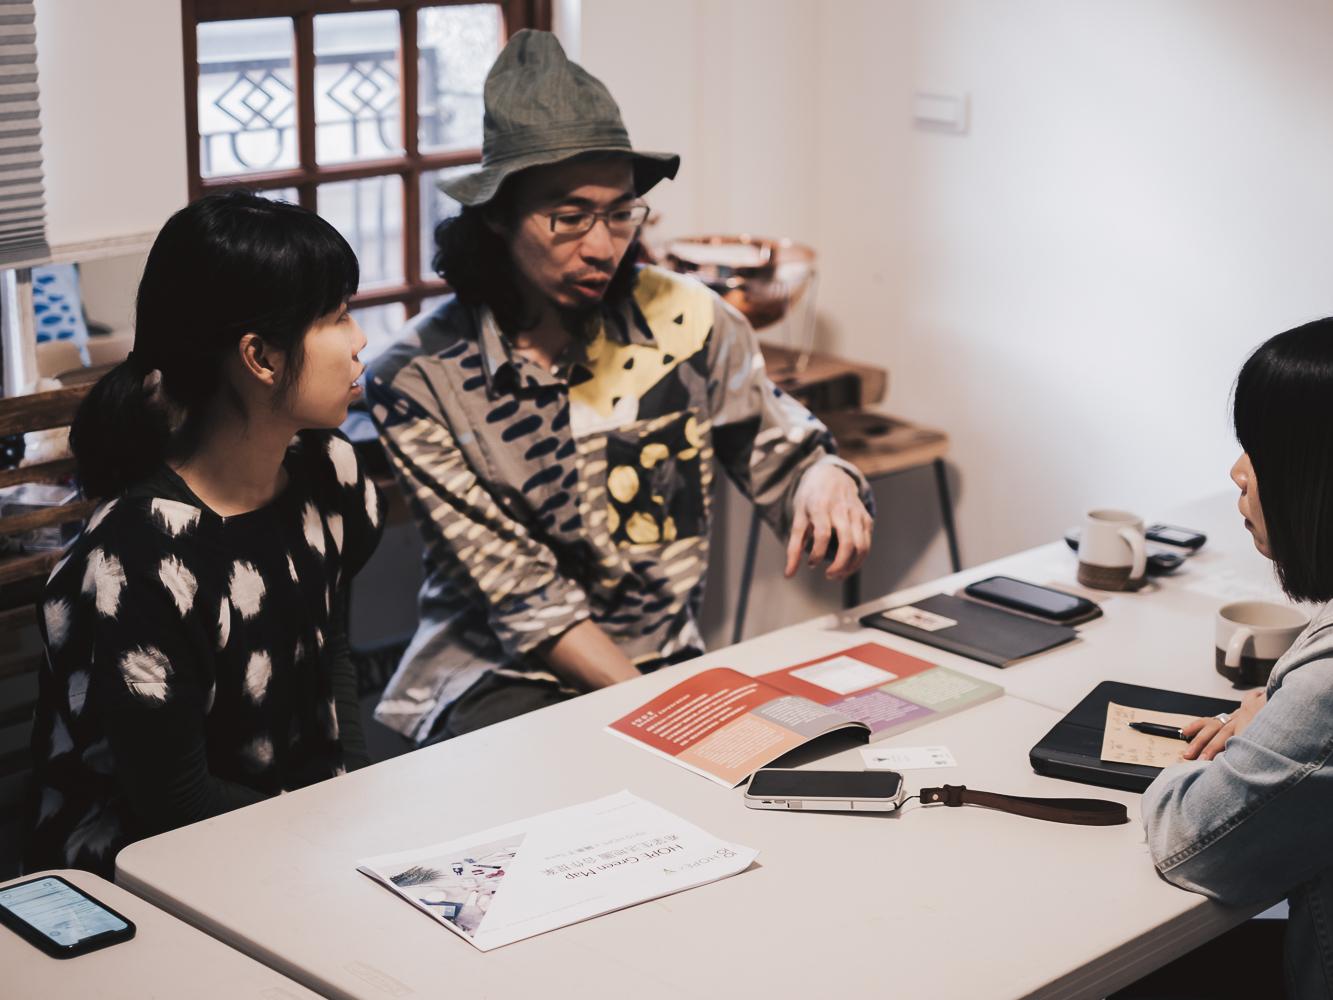 繭裹子 TWINE Green & Fair Trade Interview - FUJIFilm XT33514 - Yes! Please Enjoy by Fanning Tseng-10.jpg